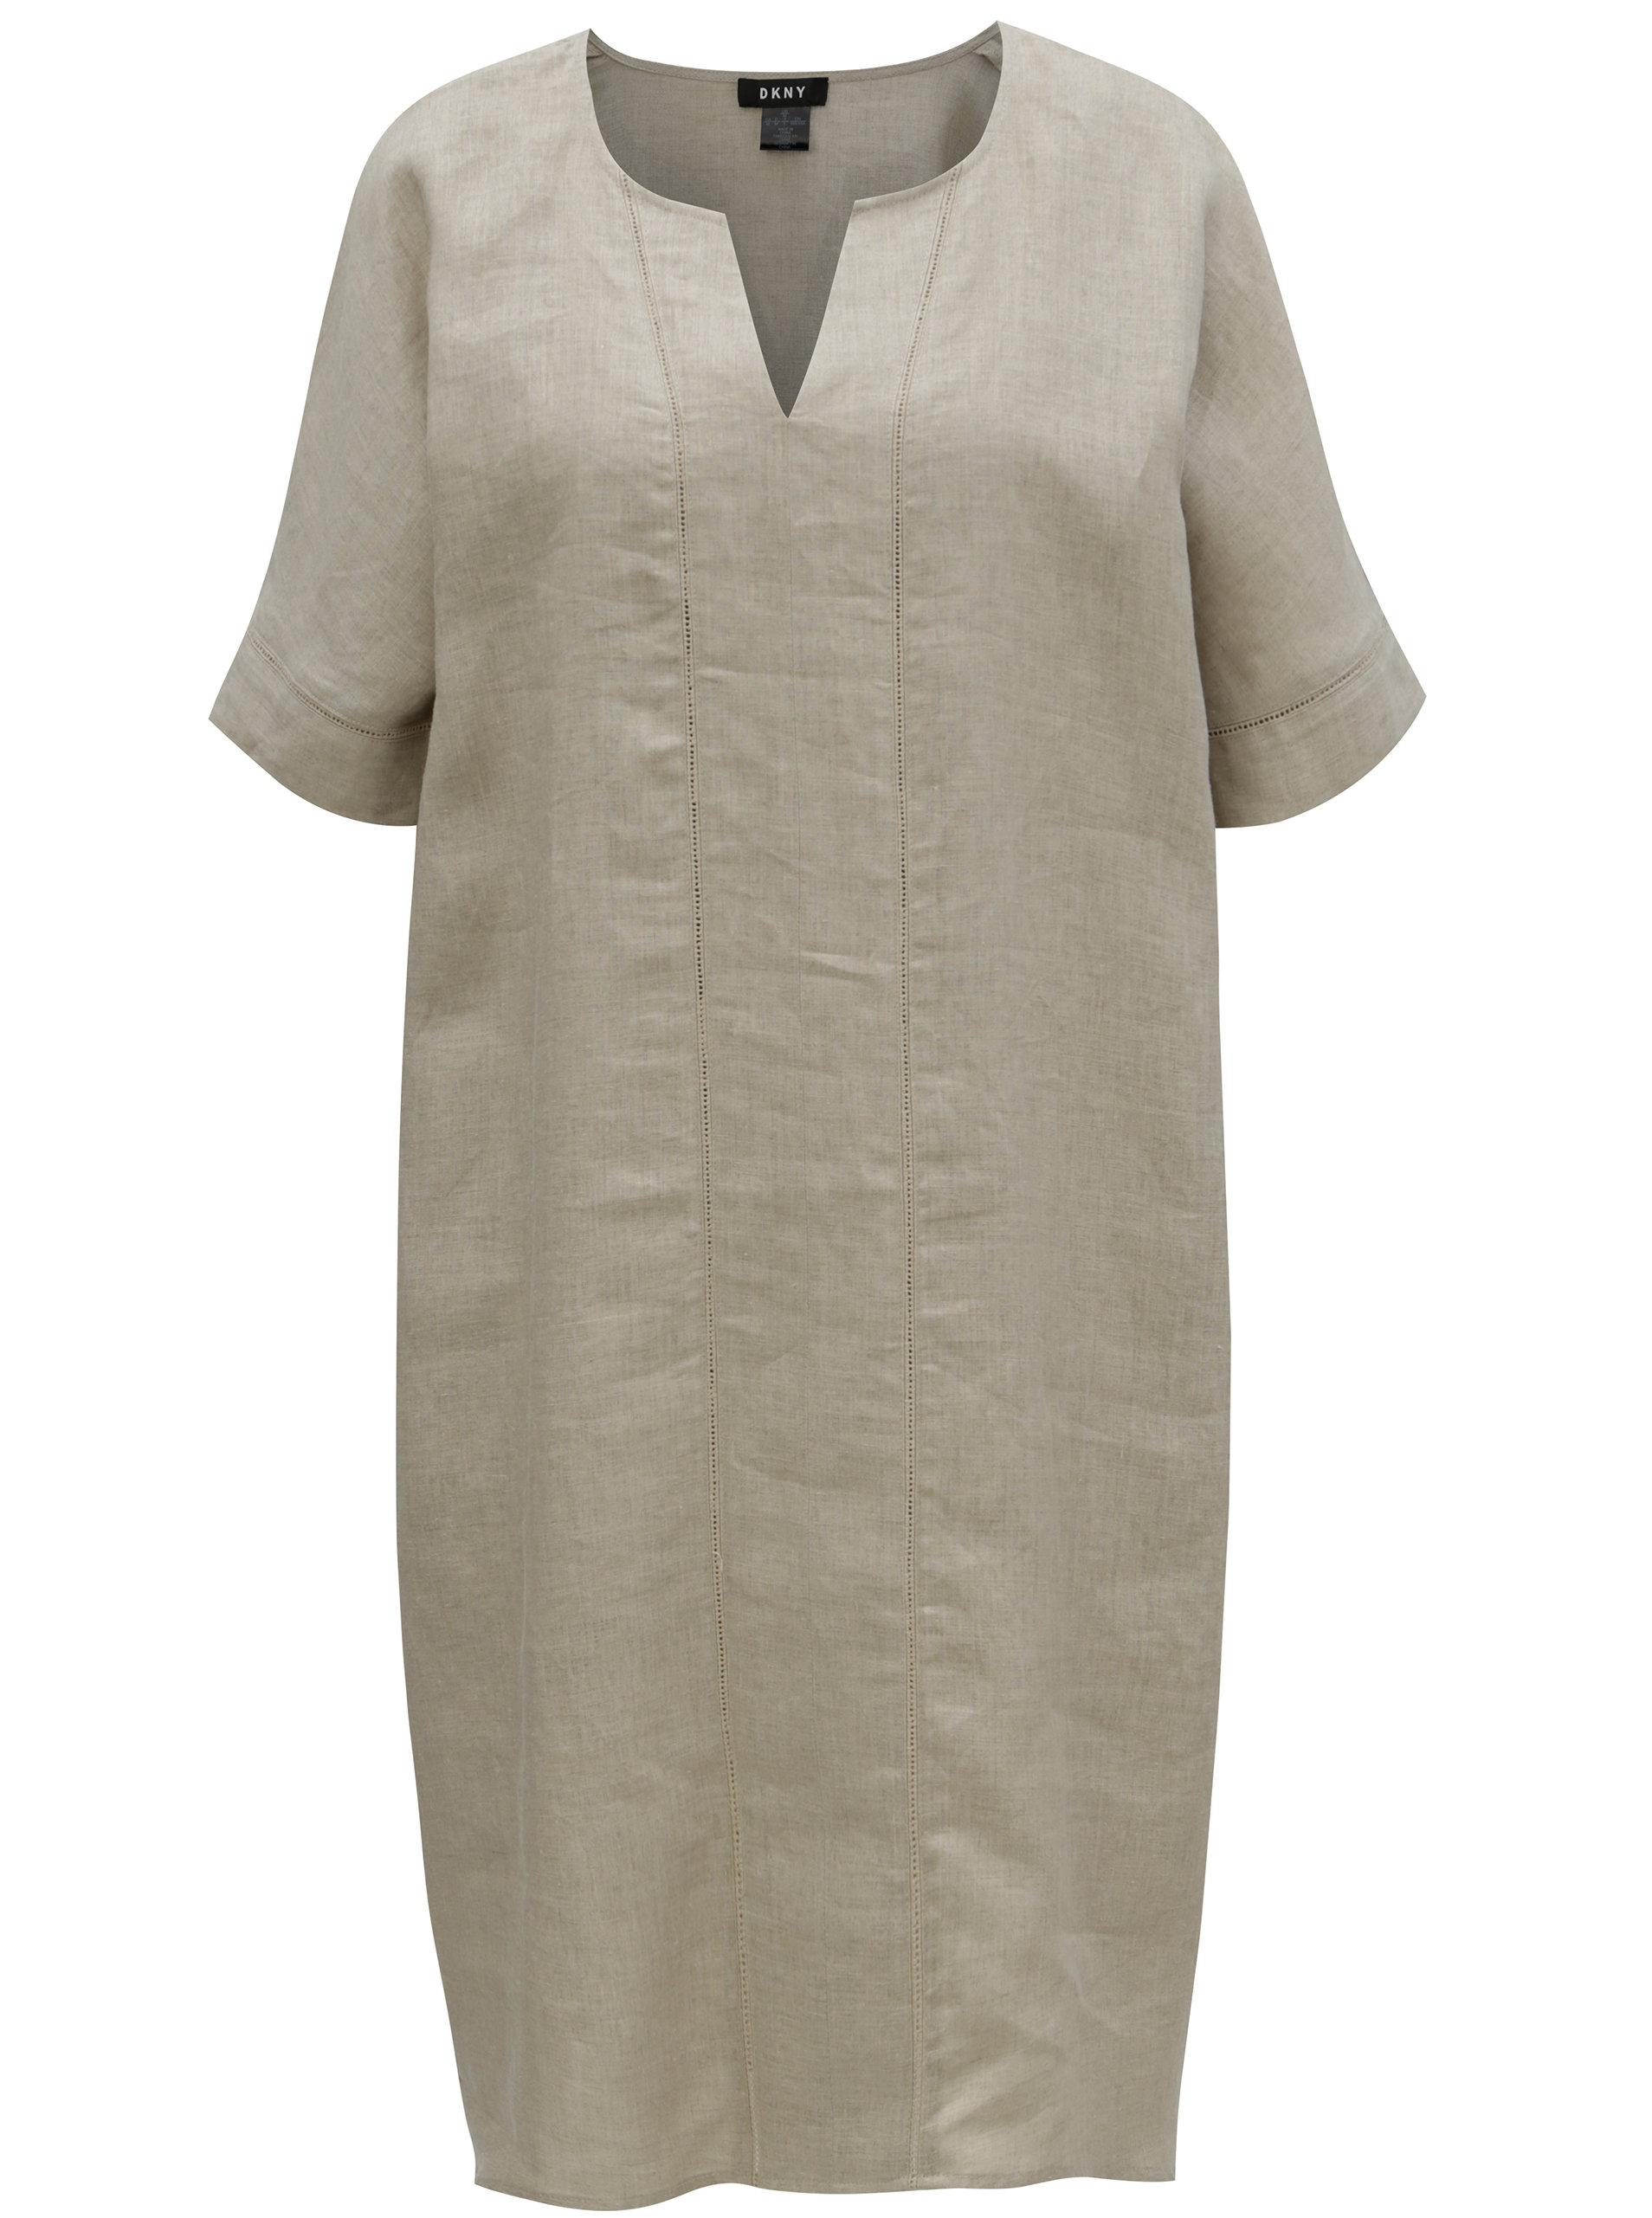 Béžové ľanové šaty DKNY ... 4c8858f62c7